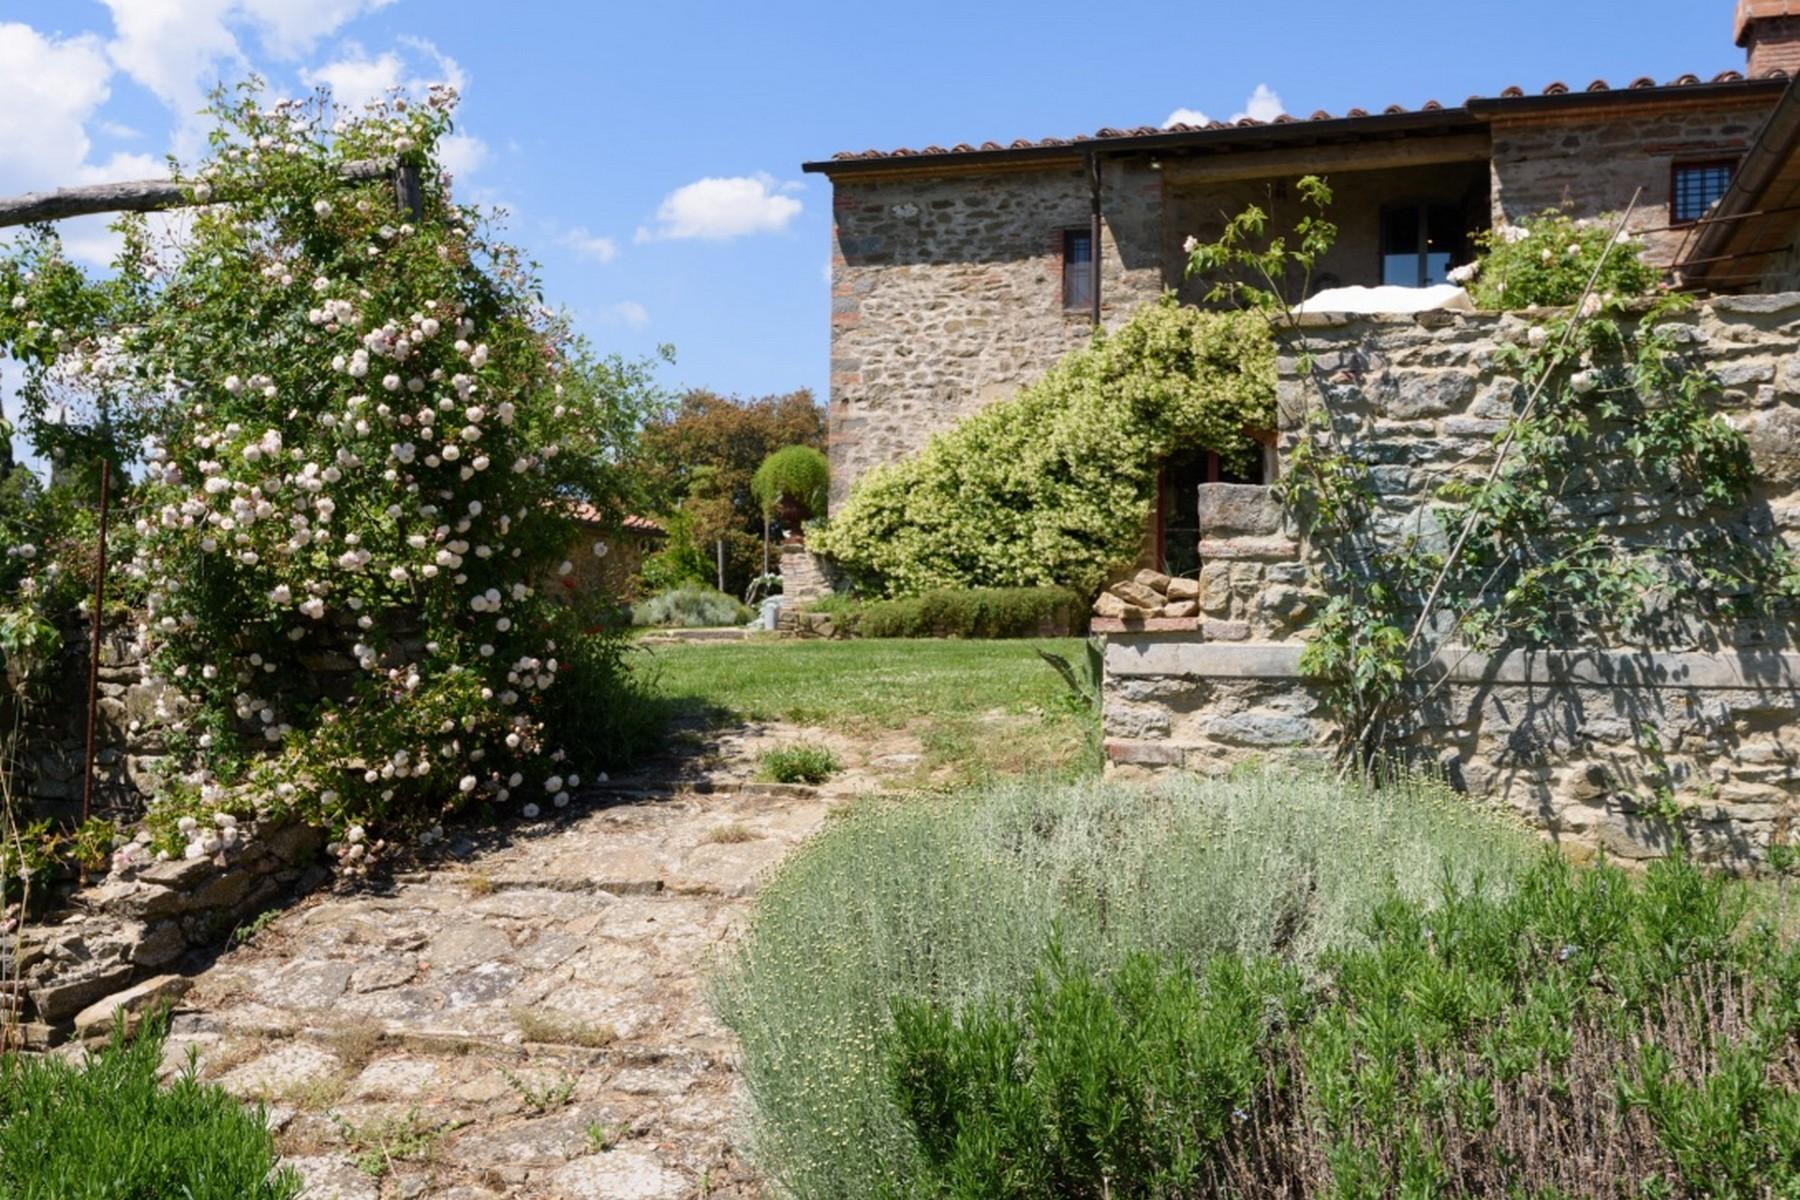 Villa in Vendita a Monte San Savino: 5 locali, 381 mq - Foto 2